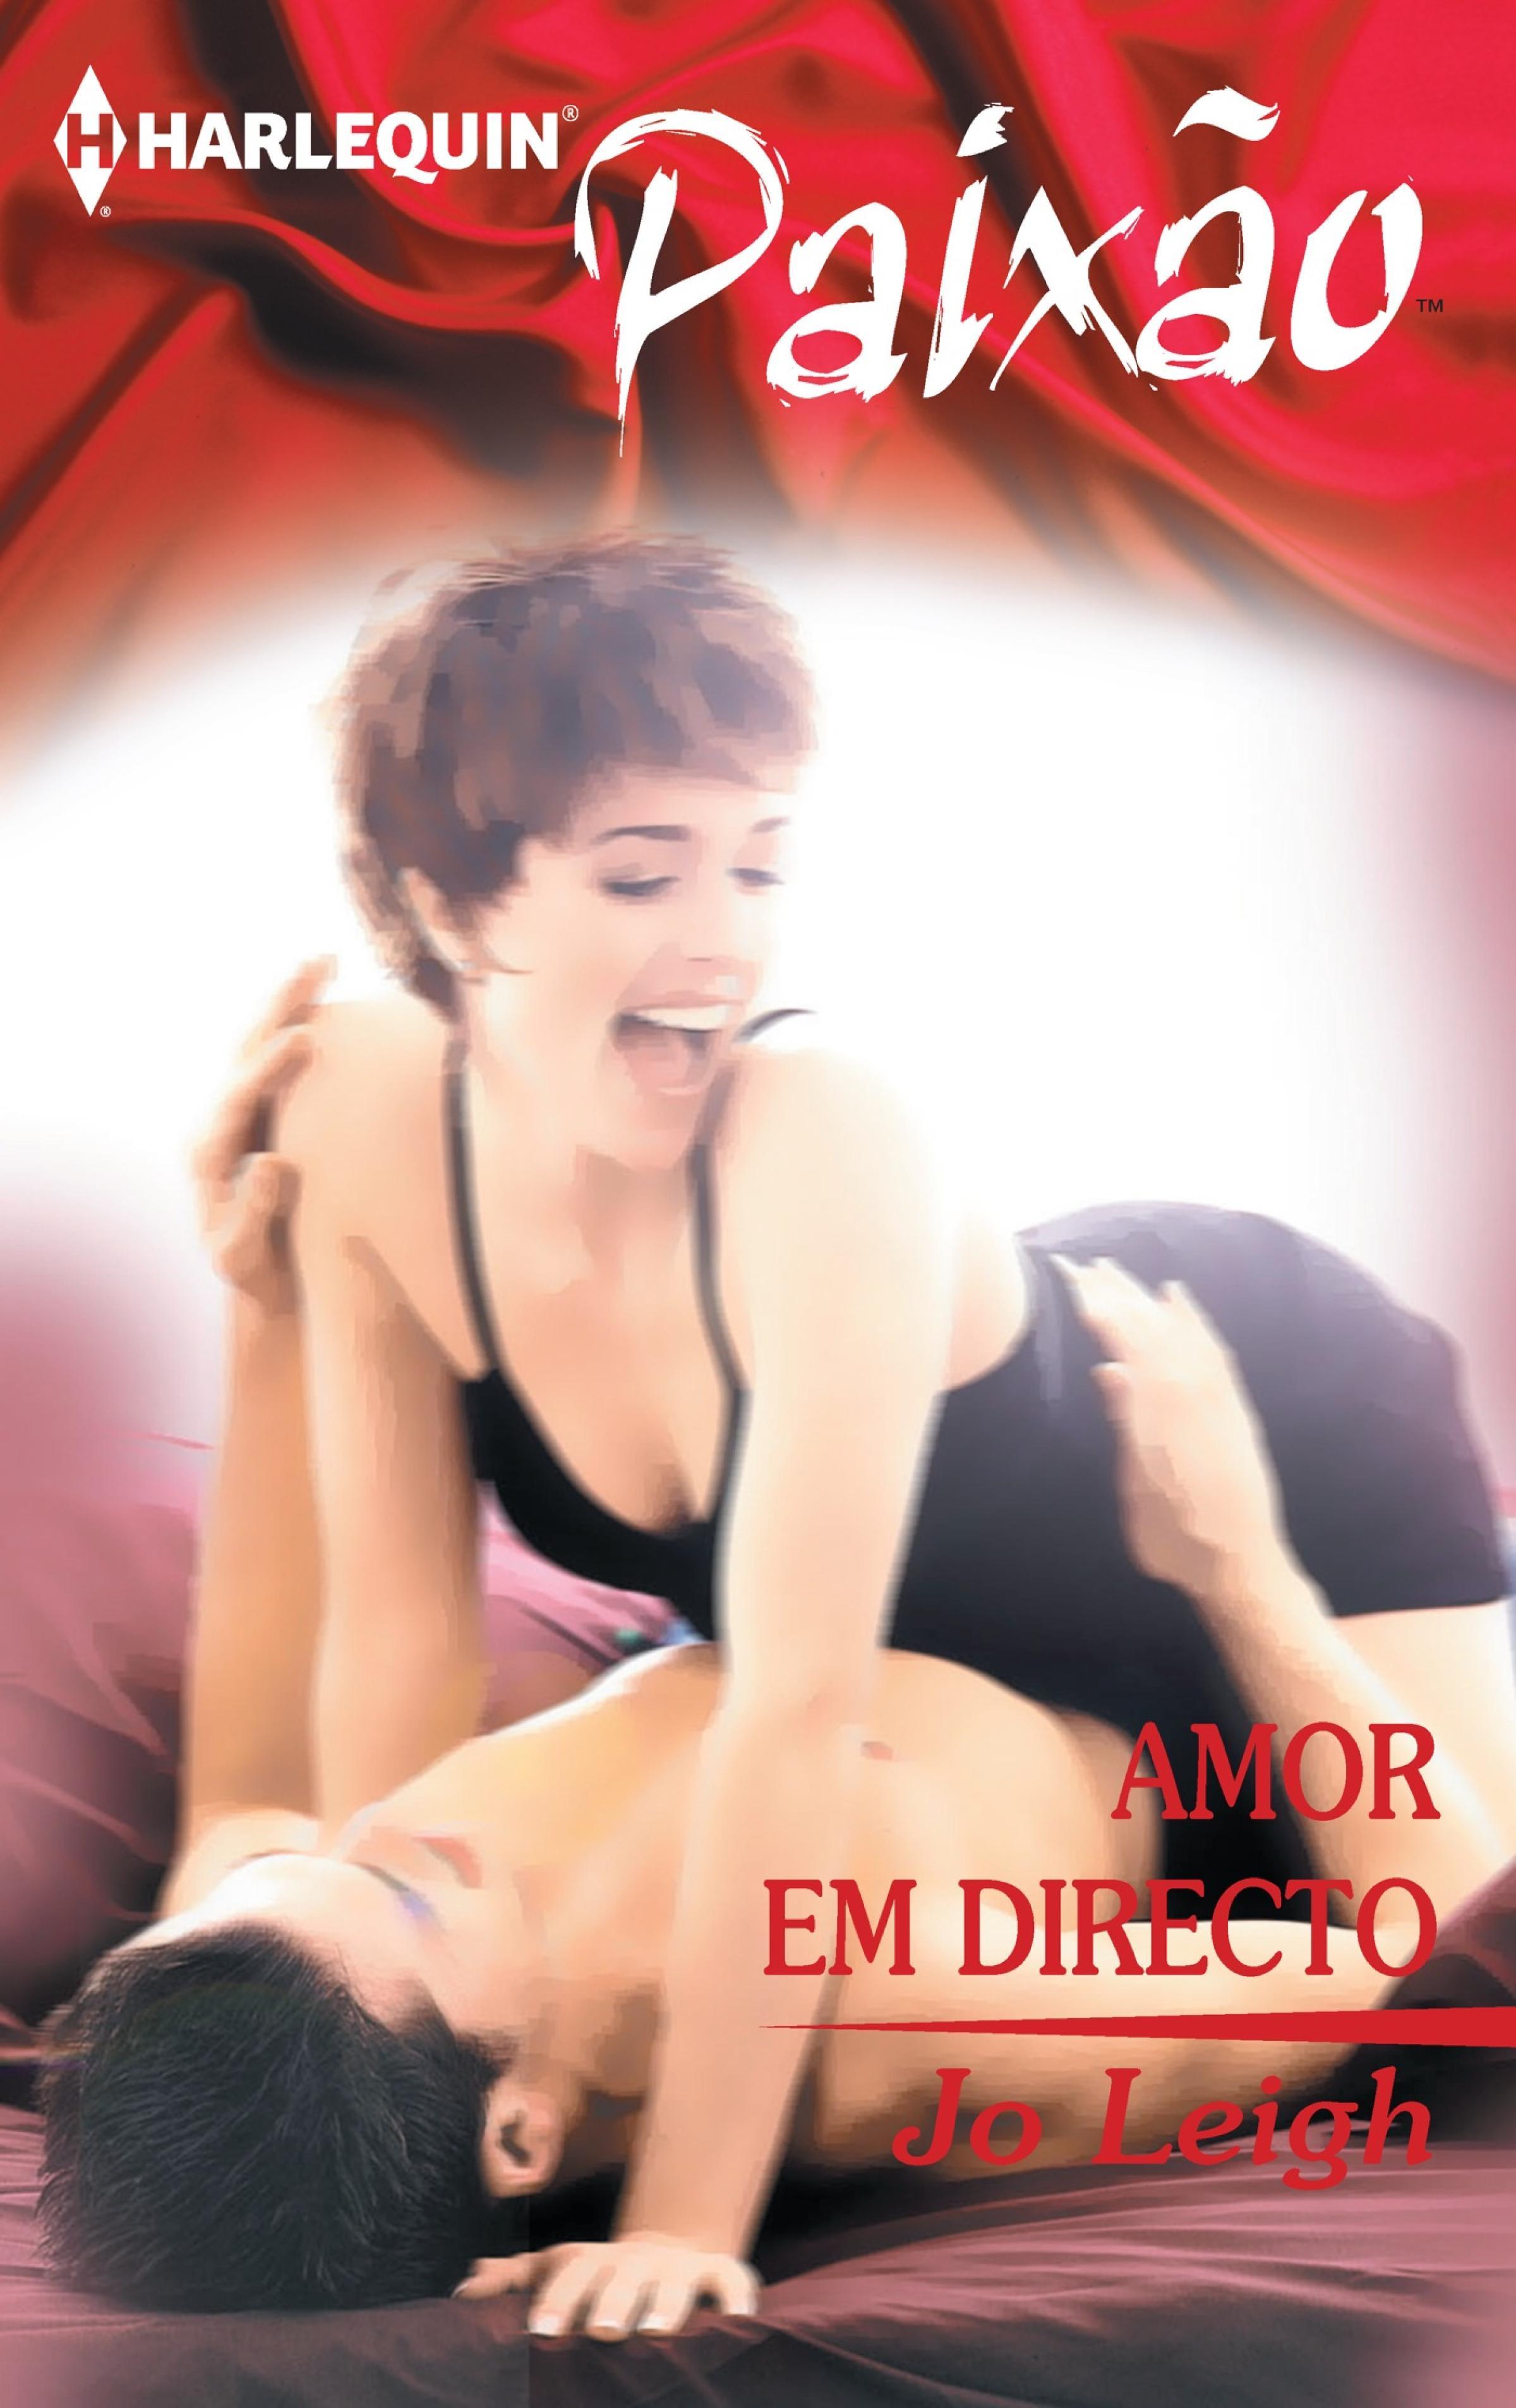 Jo Leigh Amor em directo jo leigh relentless